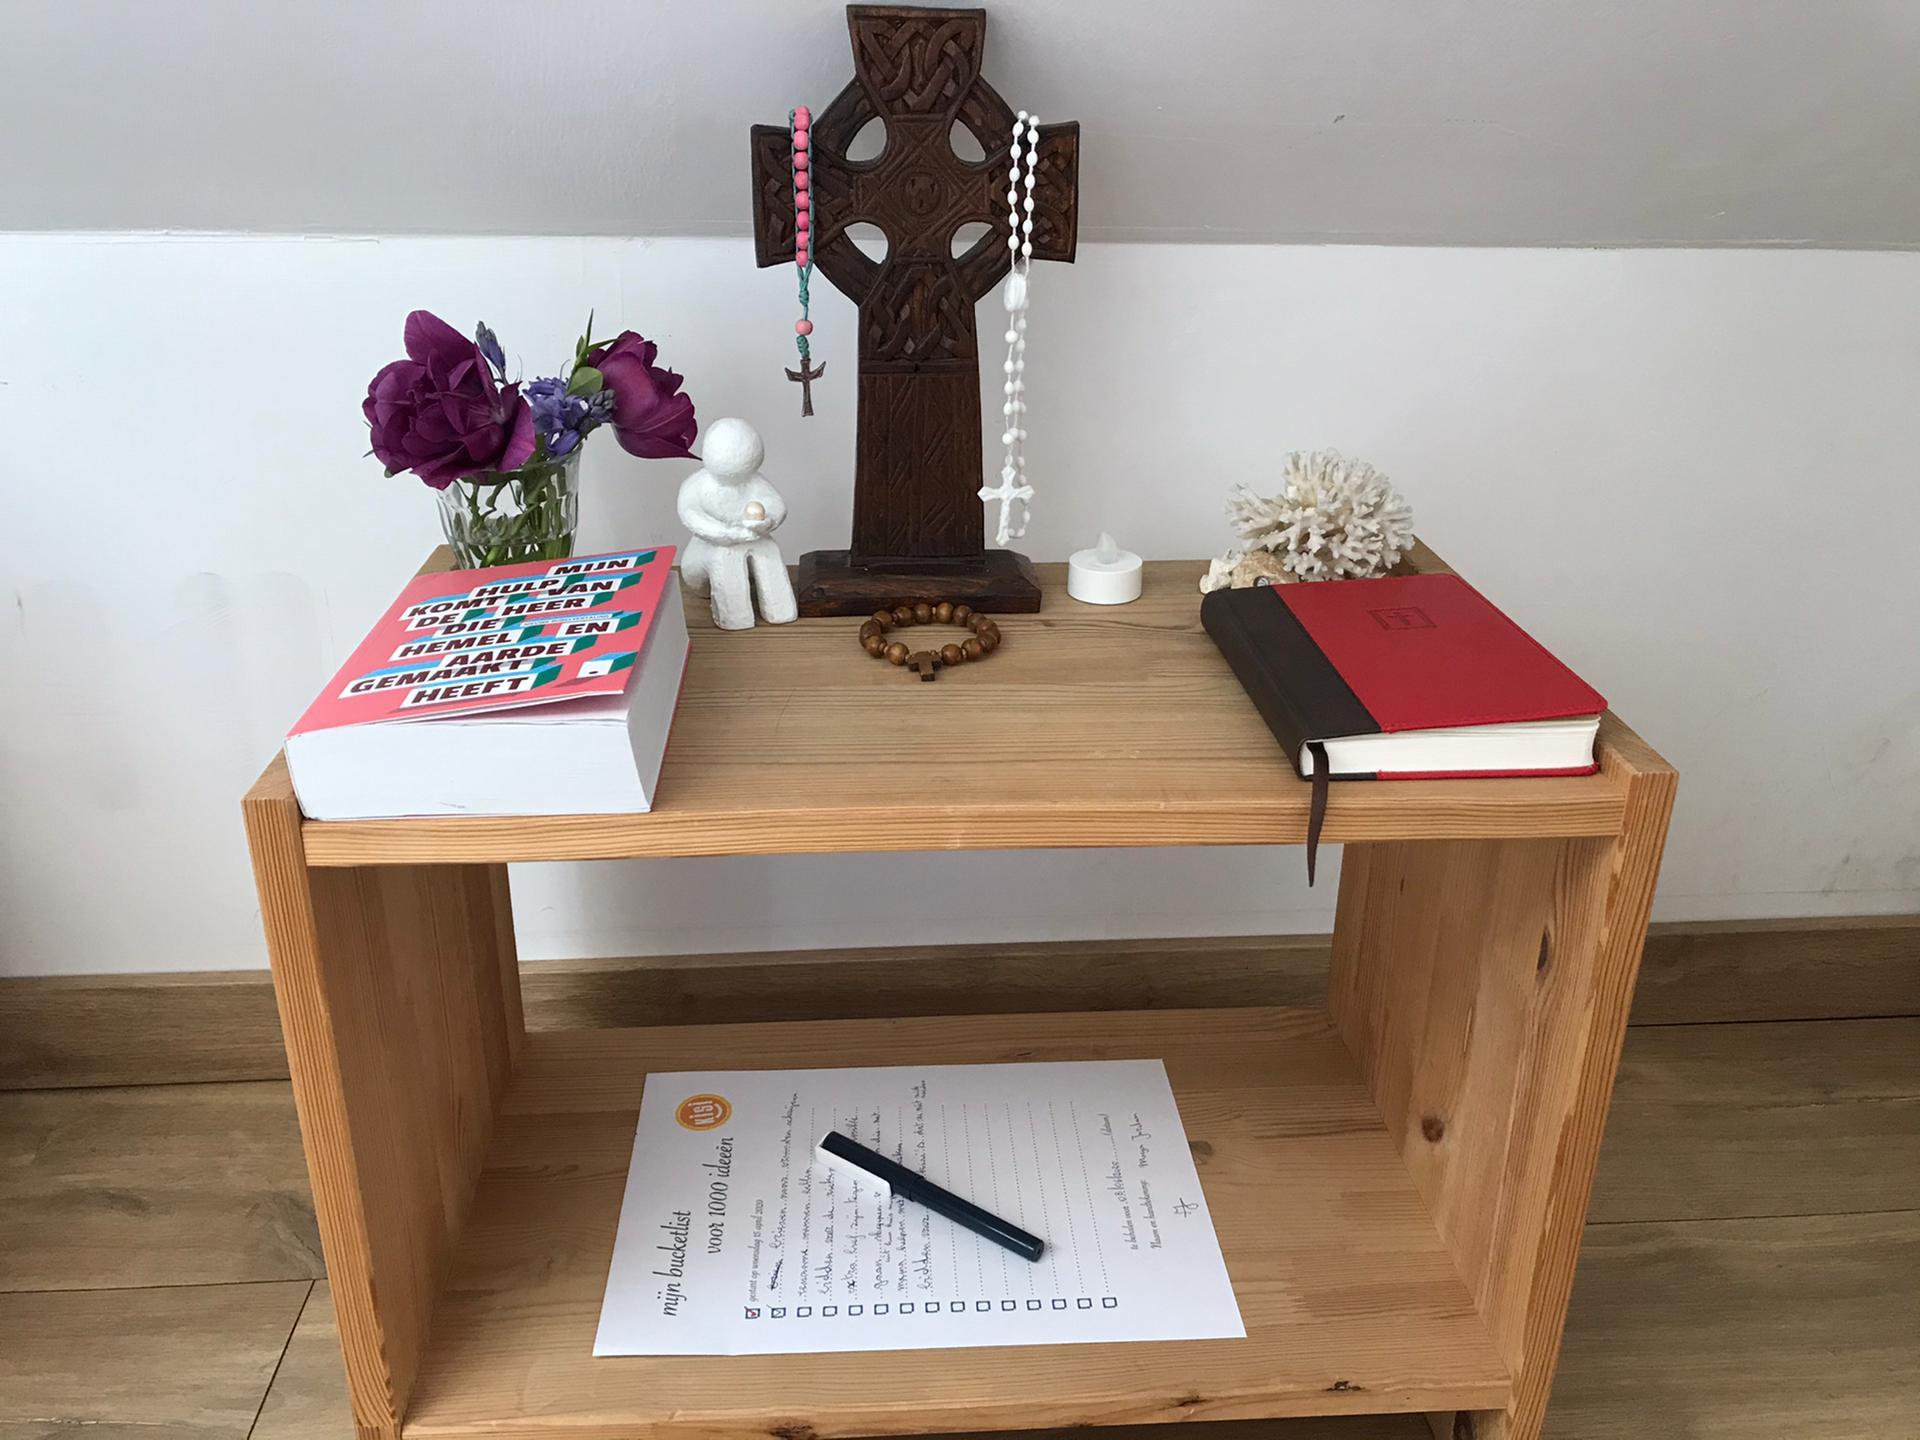 Gebedshoekje van een Kisi